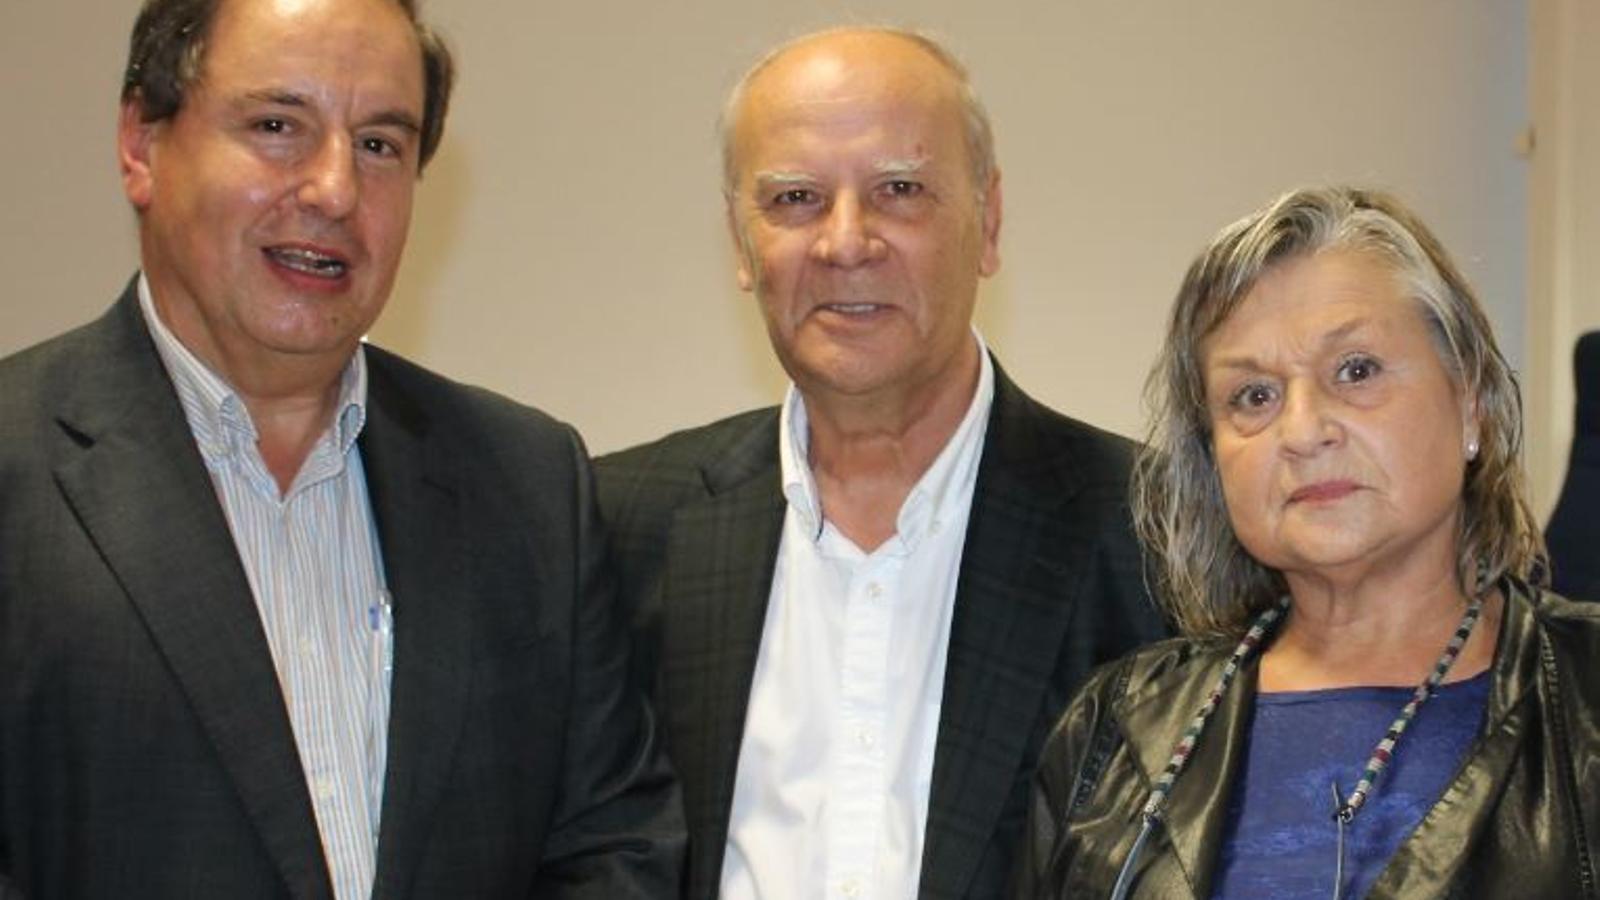 El fill de Francesc Ferrer Pastor,  Ramon Ferrer, president de l'Acadèmia Valenciana de la Llengua i Teresa Cabré, presidenta de la Secció Filològica de l'Institut d'Estudis Catalans